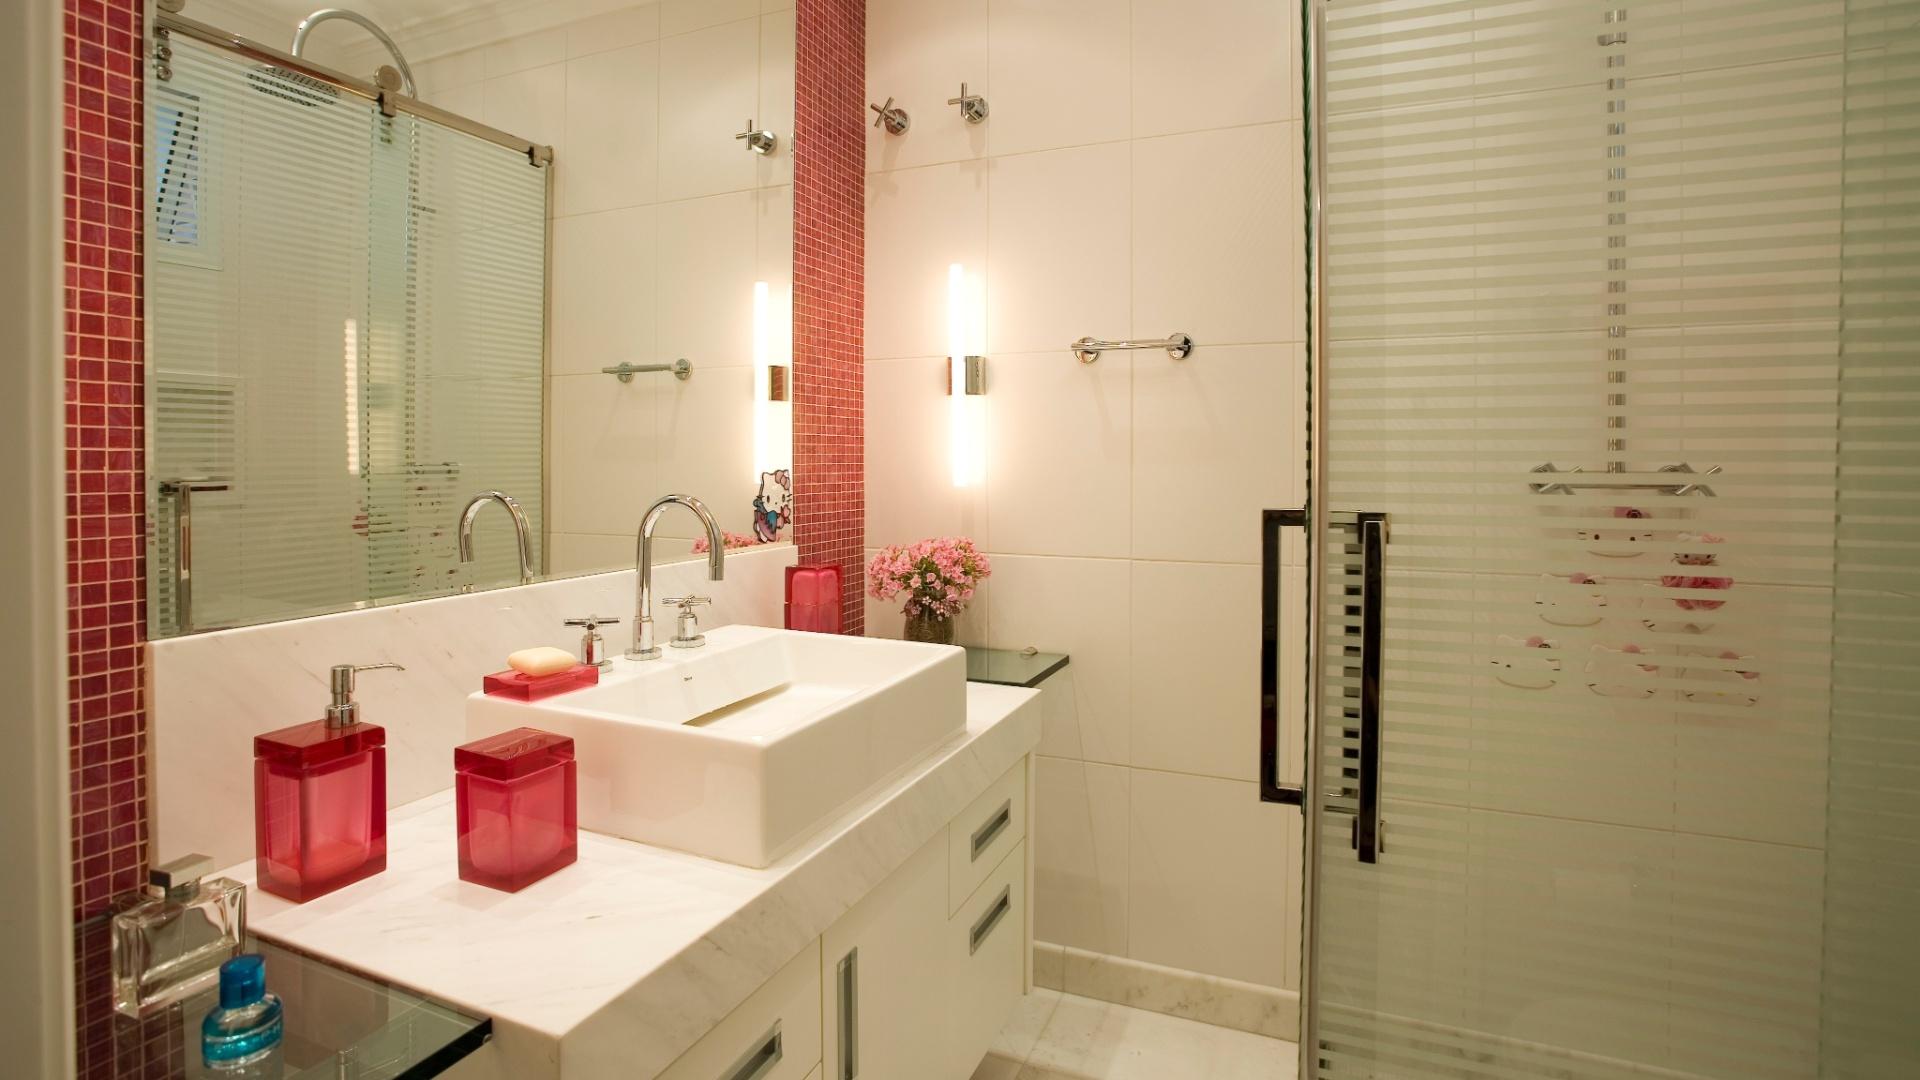 Decoracao Banheiro Alugado - Banheiros pequenos dicas de decoração para quem tem pouco espaço  BOL Fotos